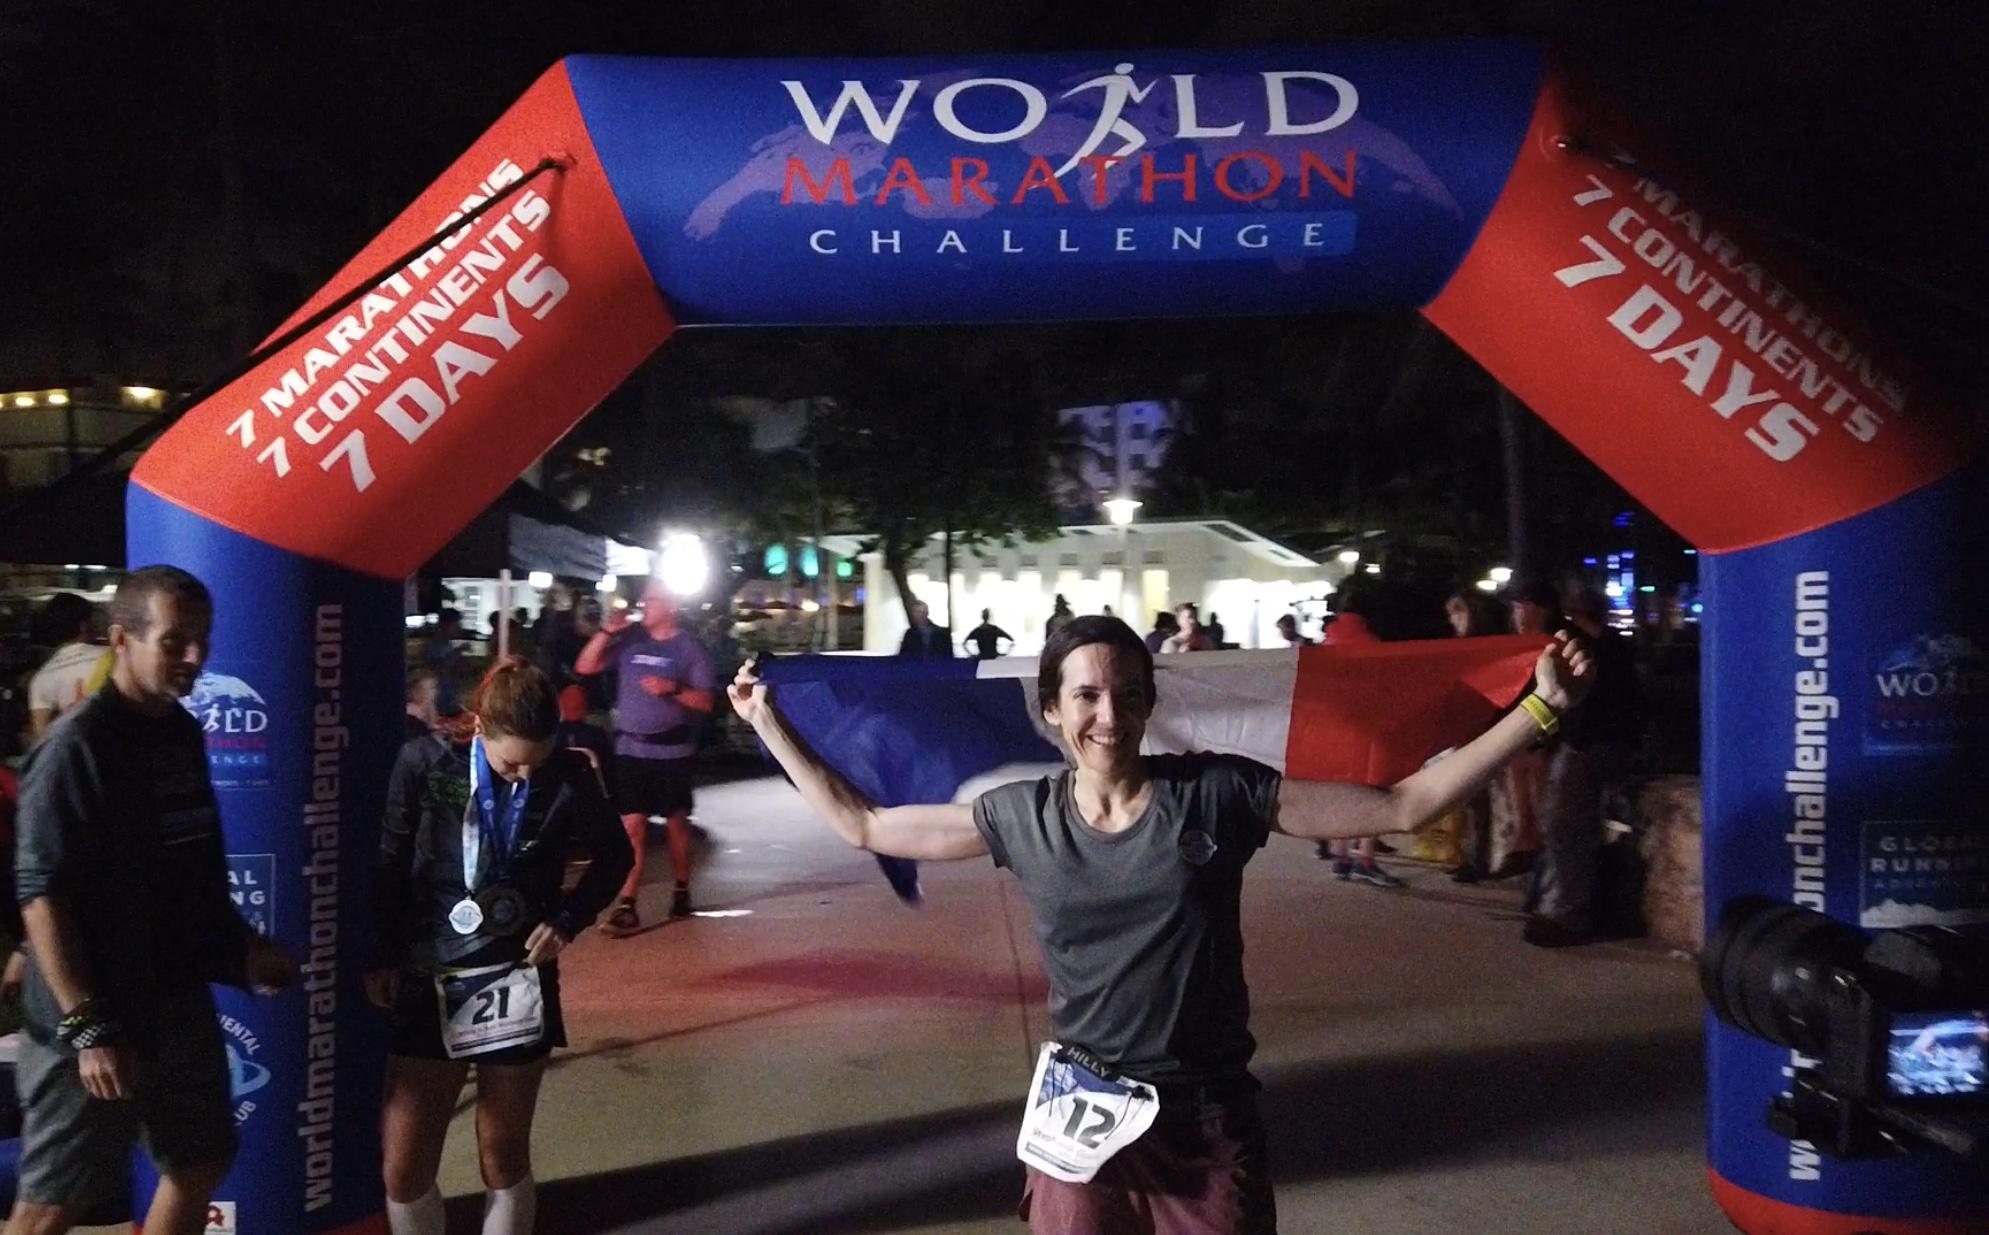 EY soutient l'incroyable défi sportif de Stéphanie Gicquel